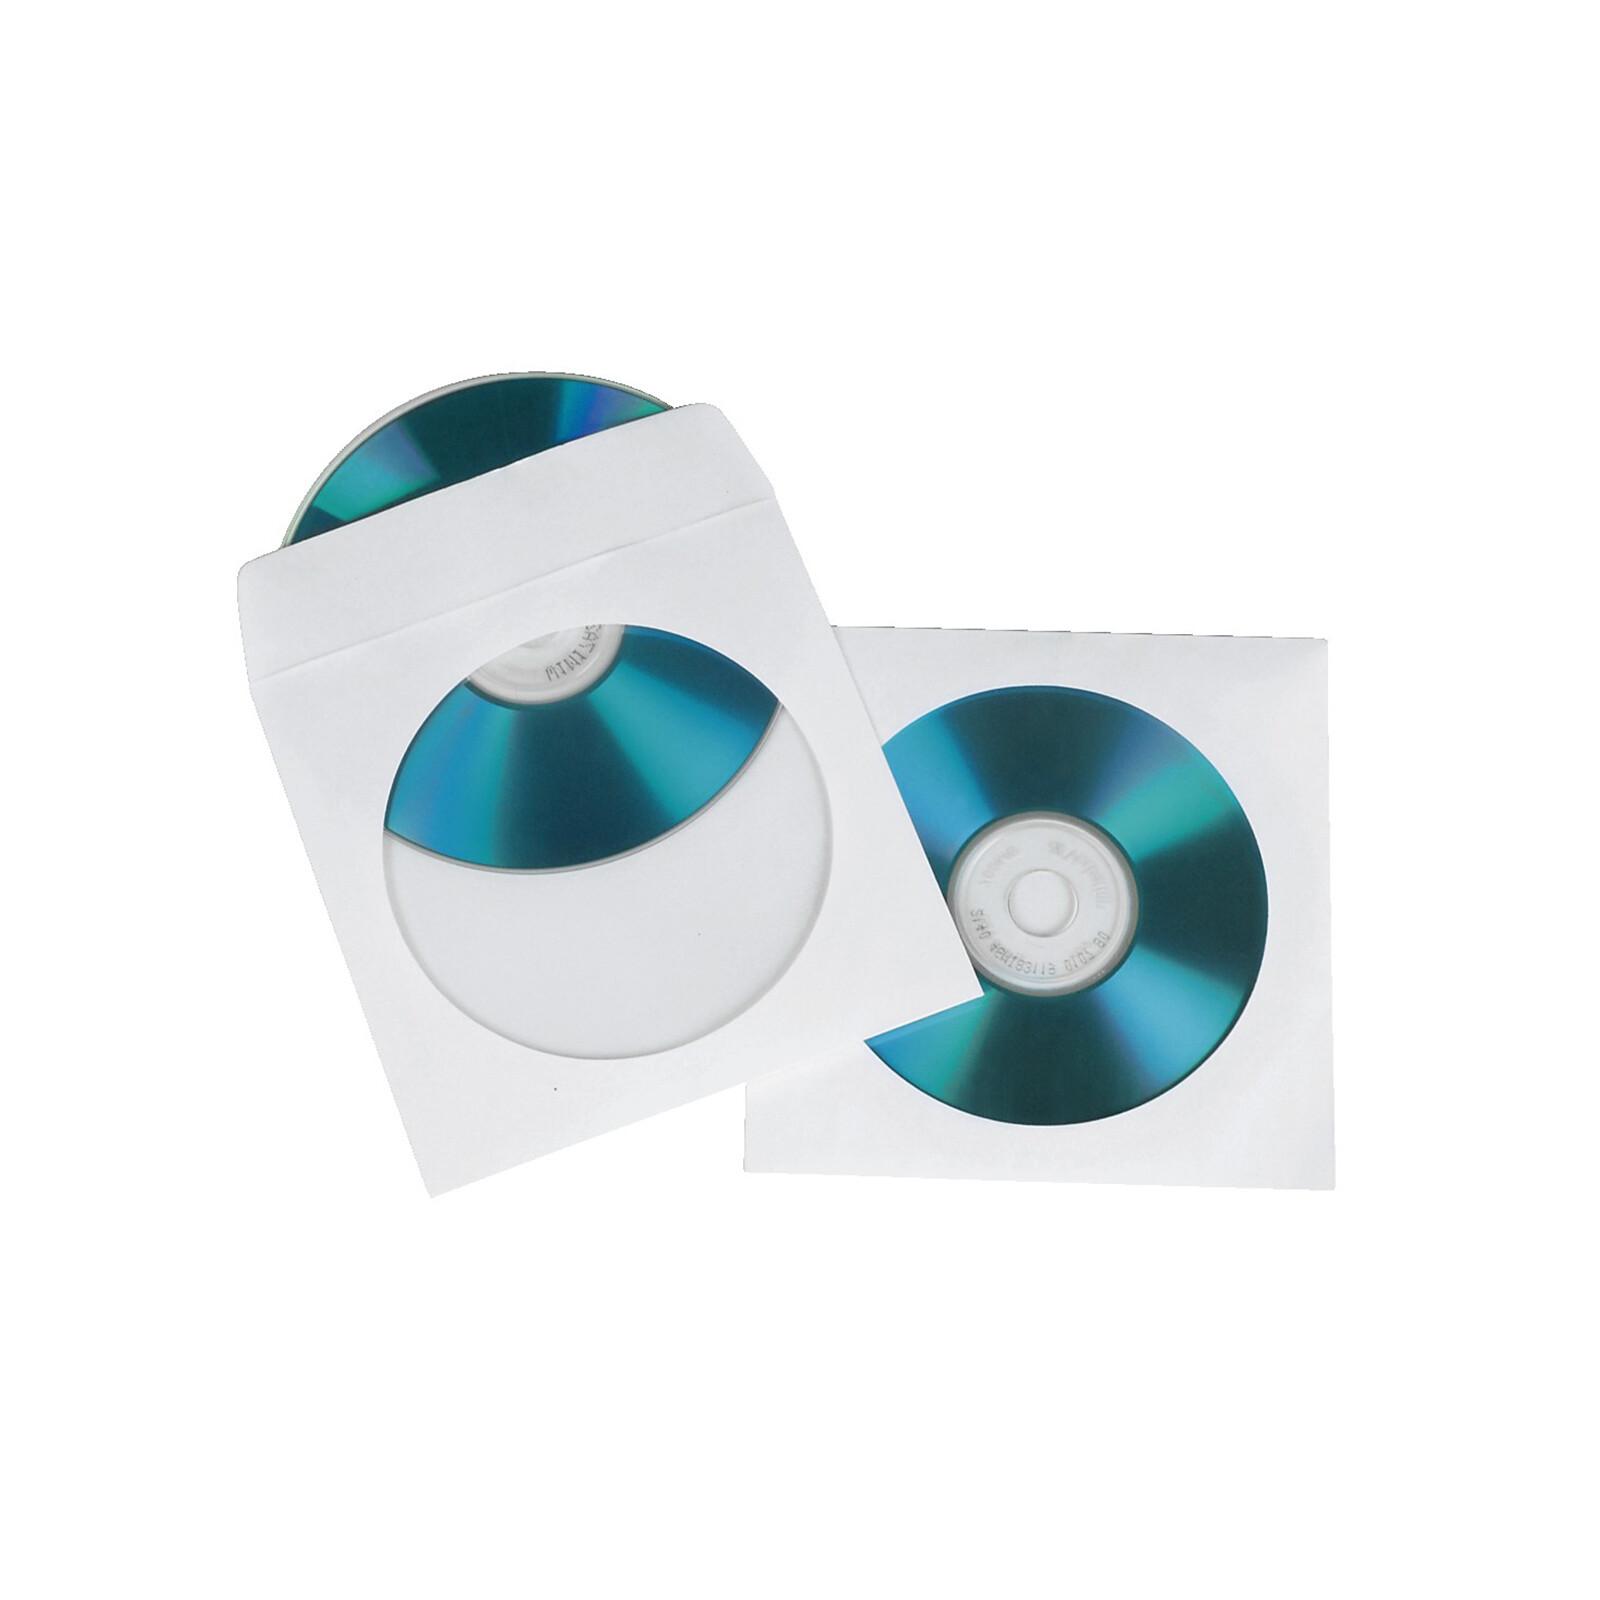 Hama 51174 CD-/DVD-Papier-Schutzhüllen, Weiß, 100er-Pack